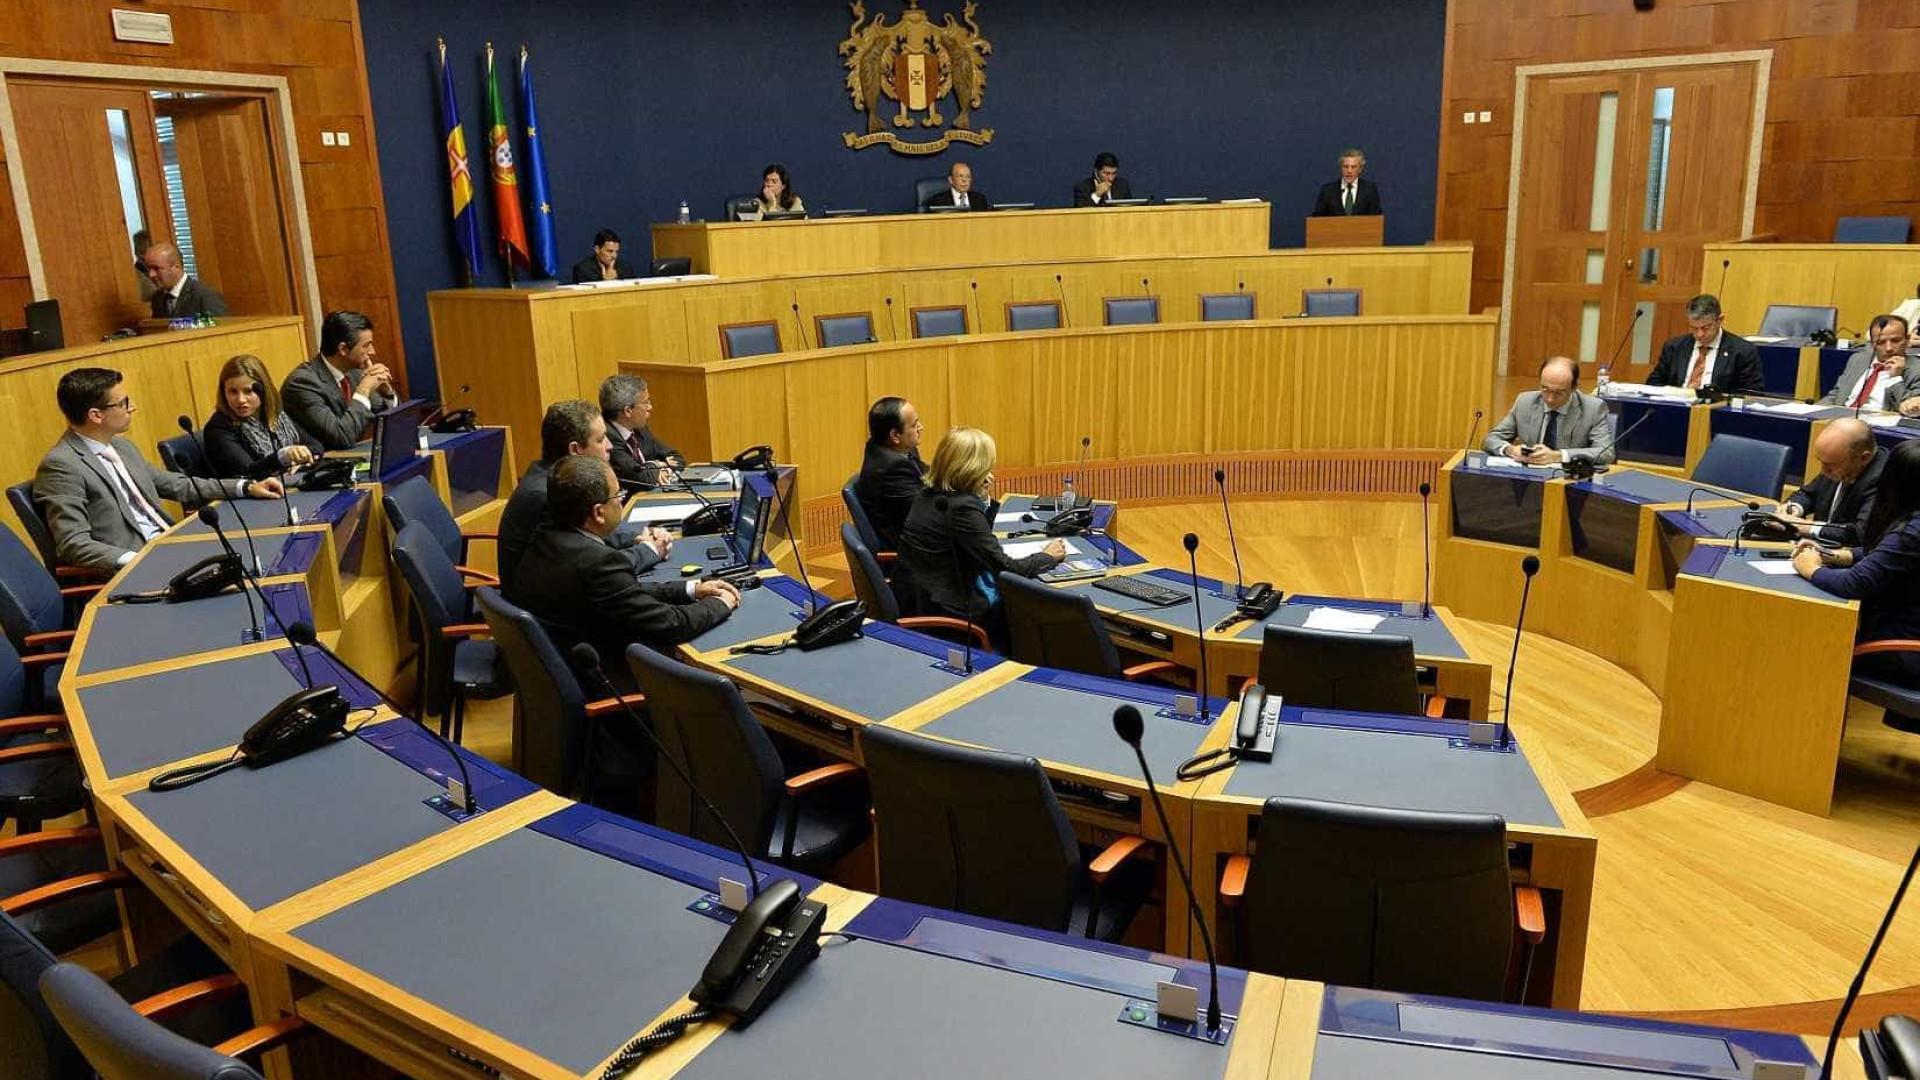 Críticas a Cafôfo e Costa marcam plenário do parlamento madeirense